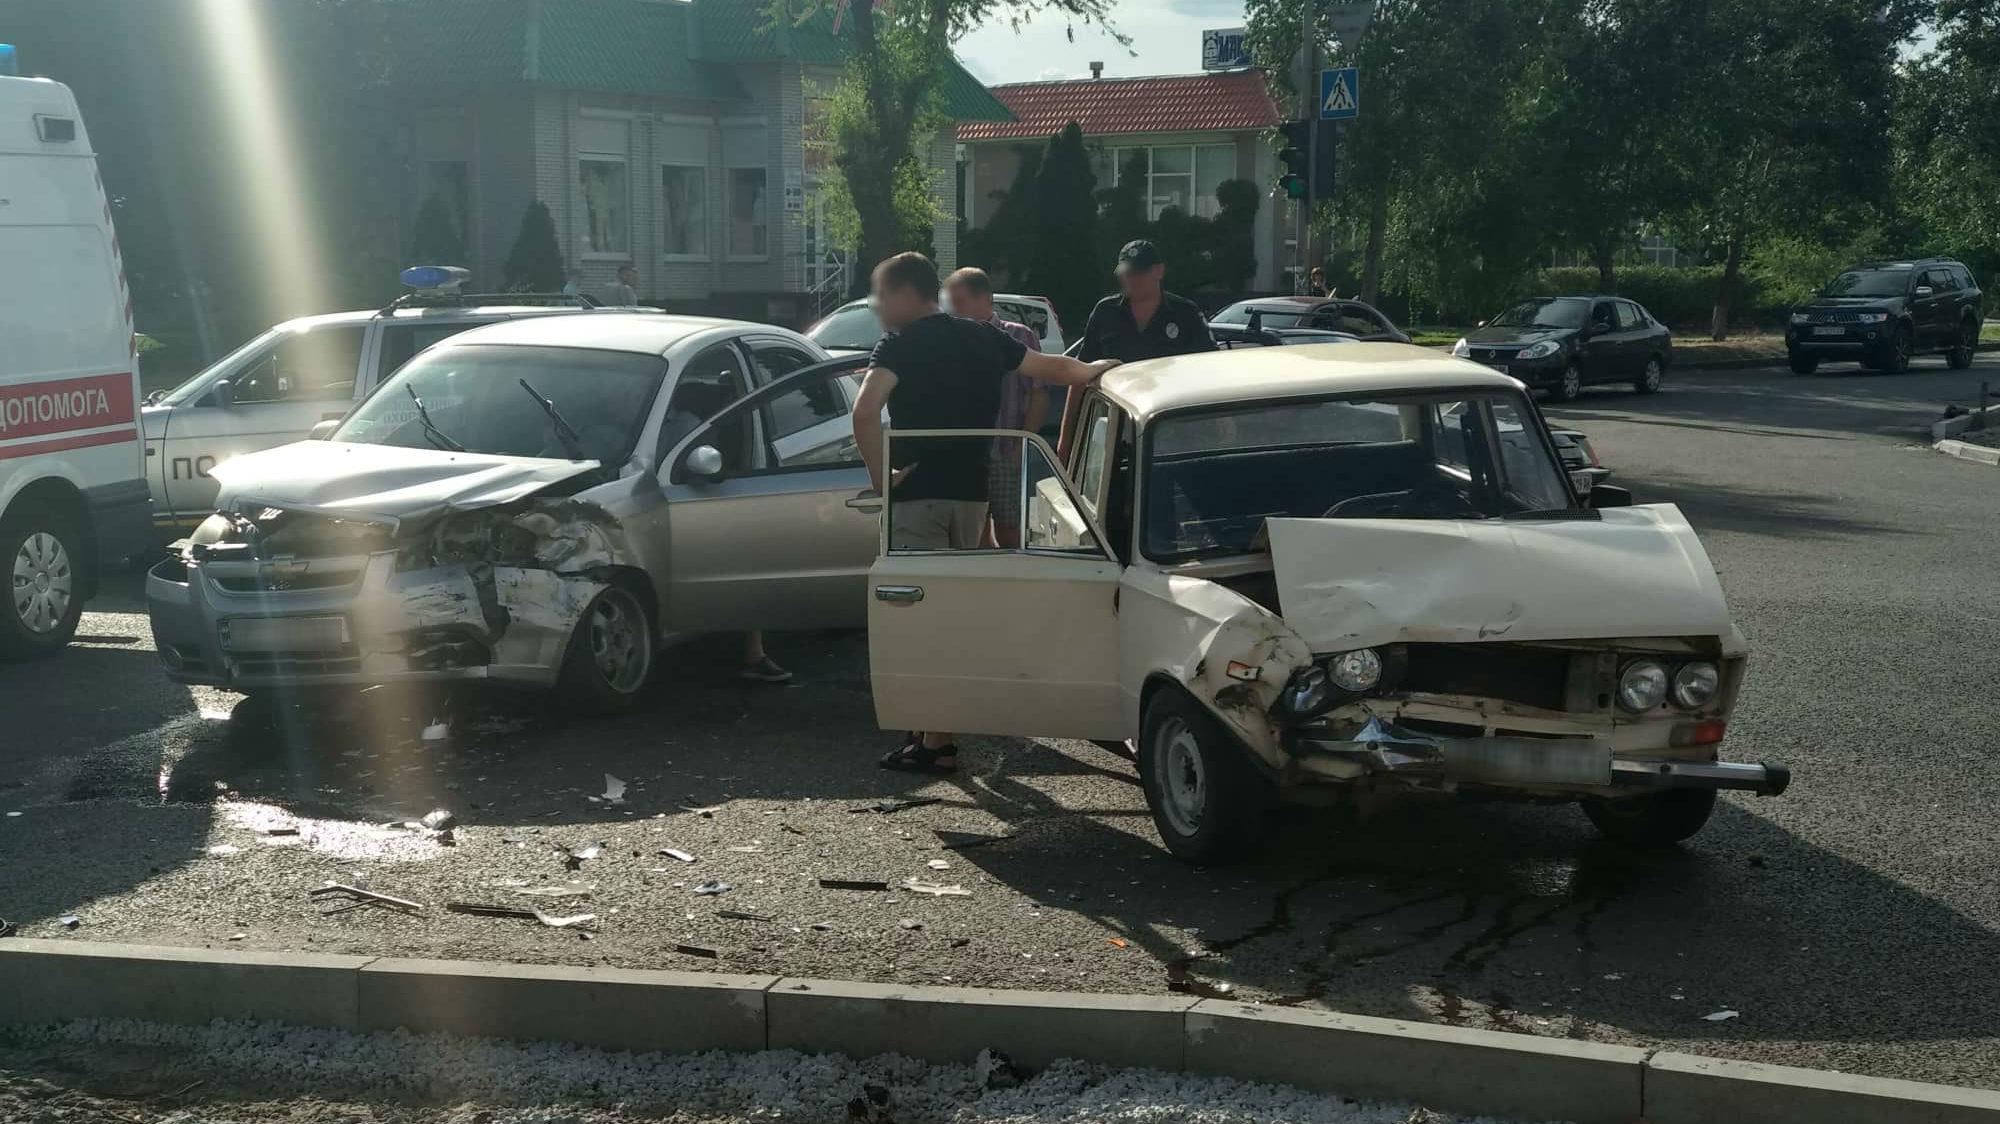 У Запорізькій області на перехресті зіткнулися два легковики - ФОТО, ВІДЕО